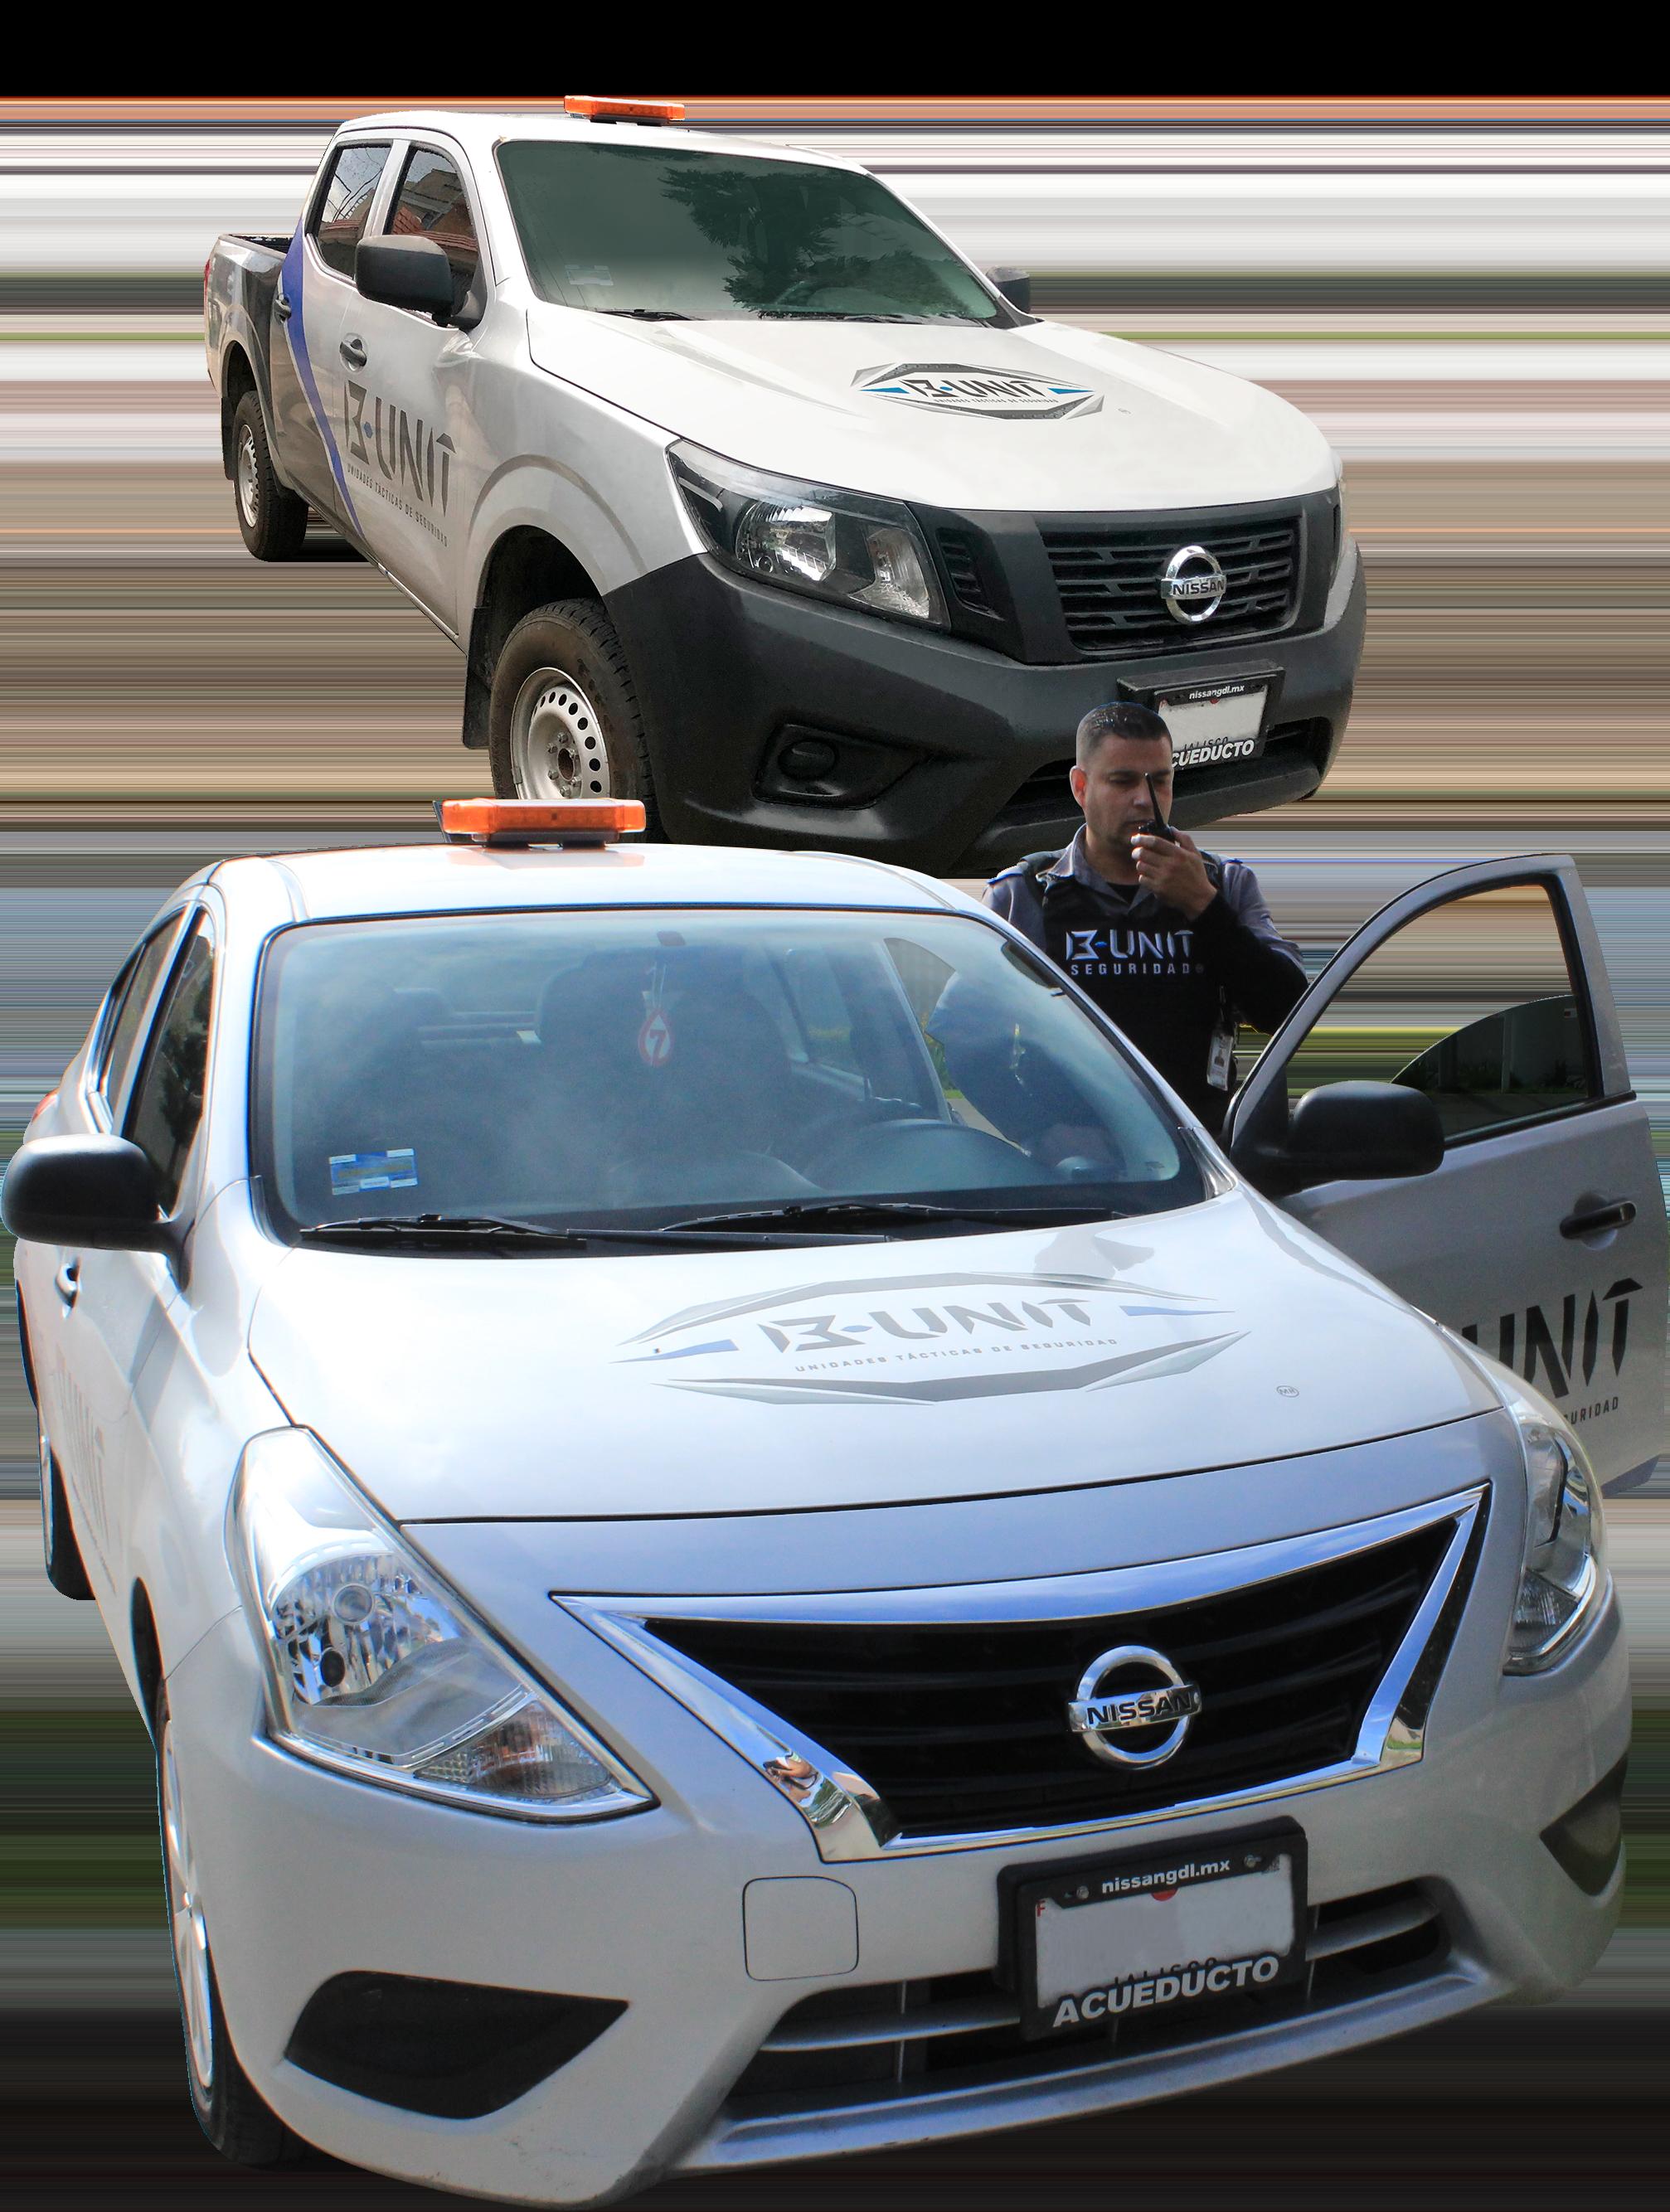 B UNIT elementos de seguridad elementos custodias autos